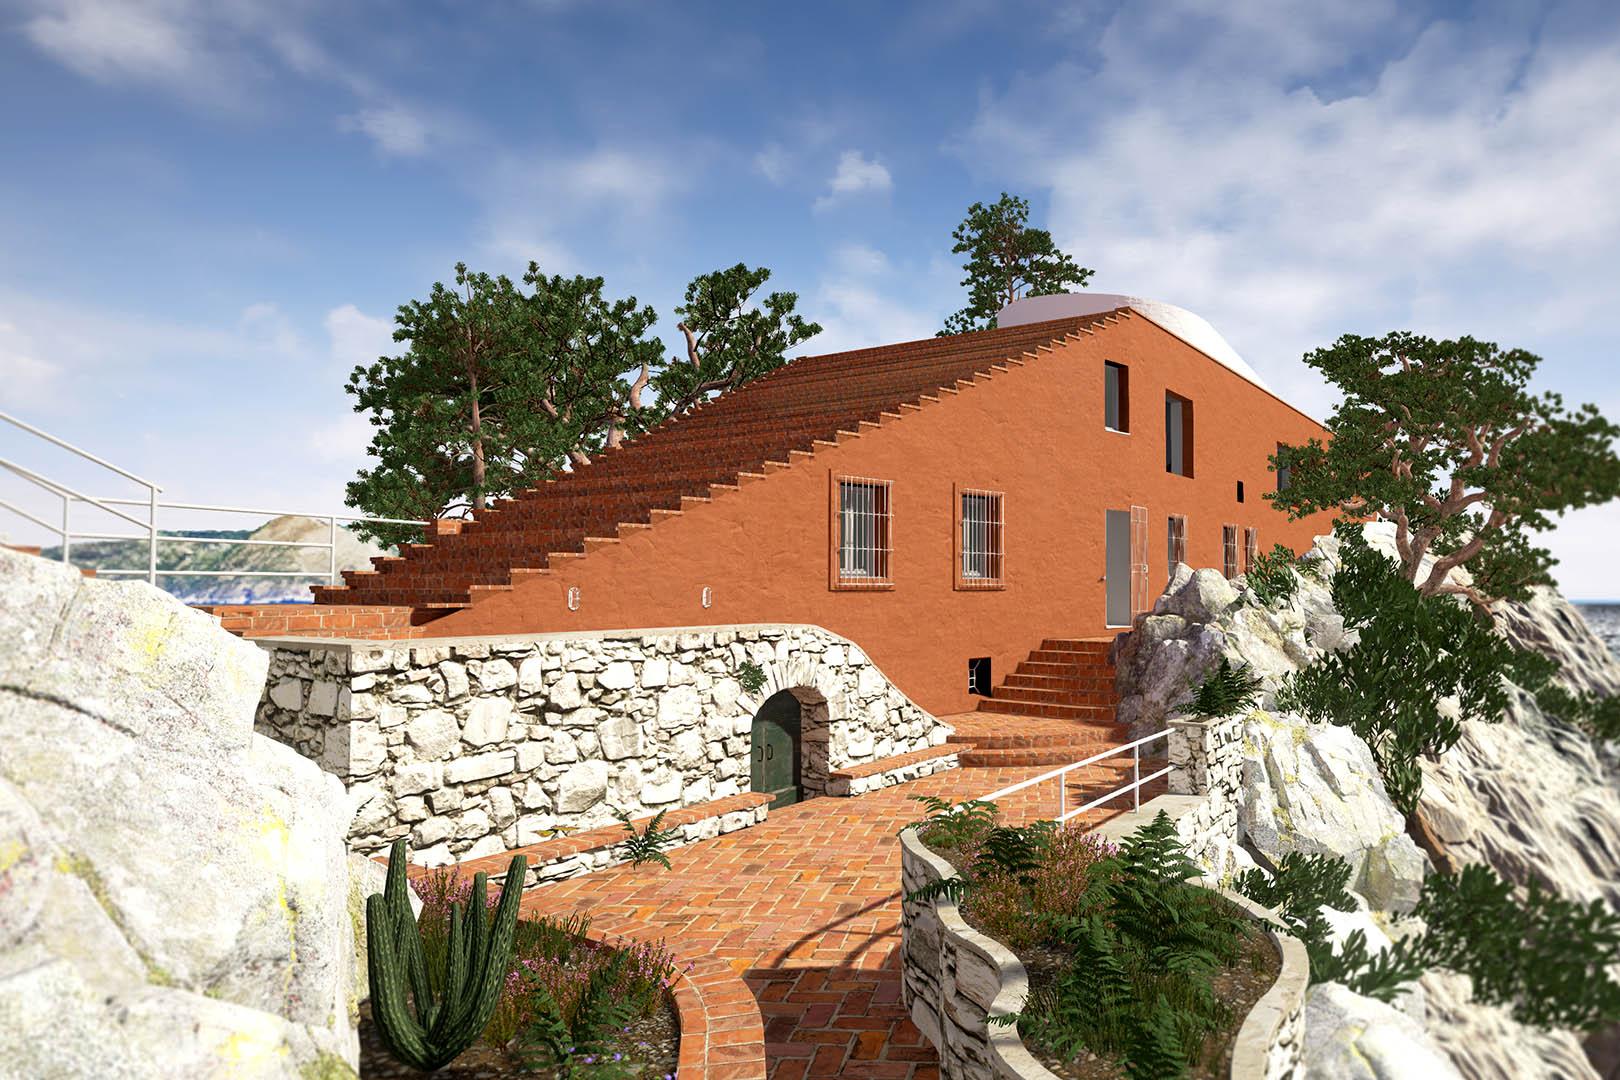 Adalberto libera curzio malaparte casa malaparte for Villa curzio malaparte